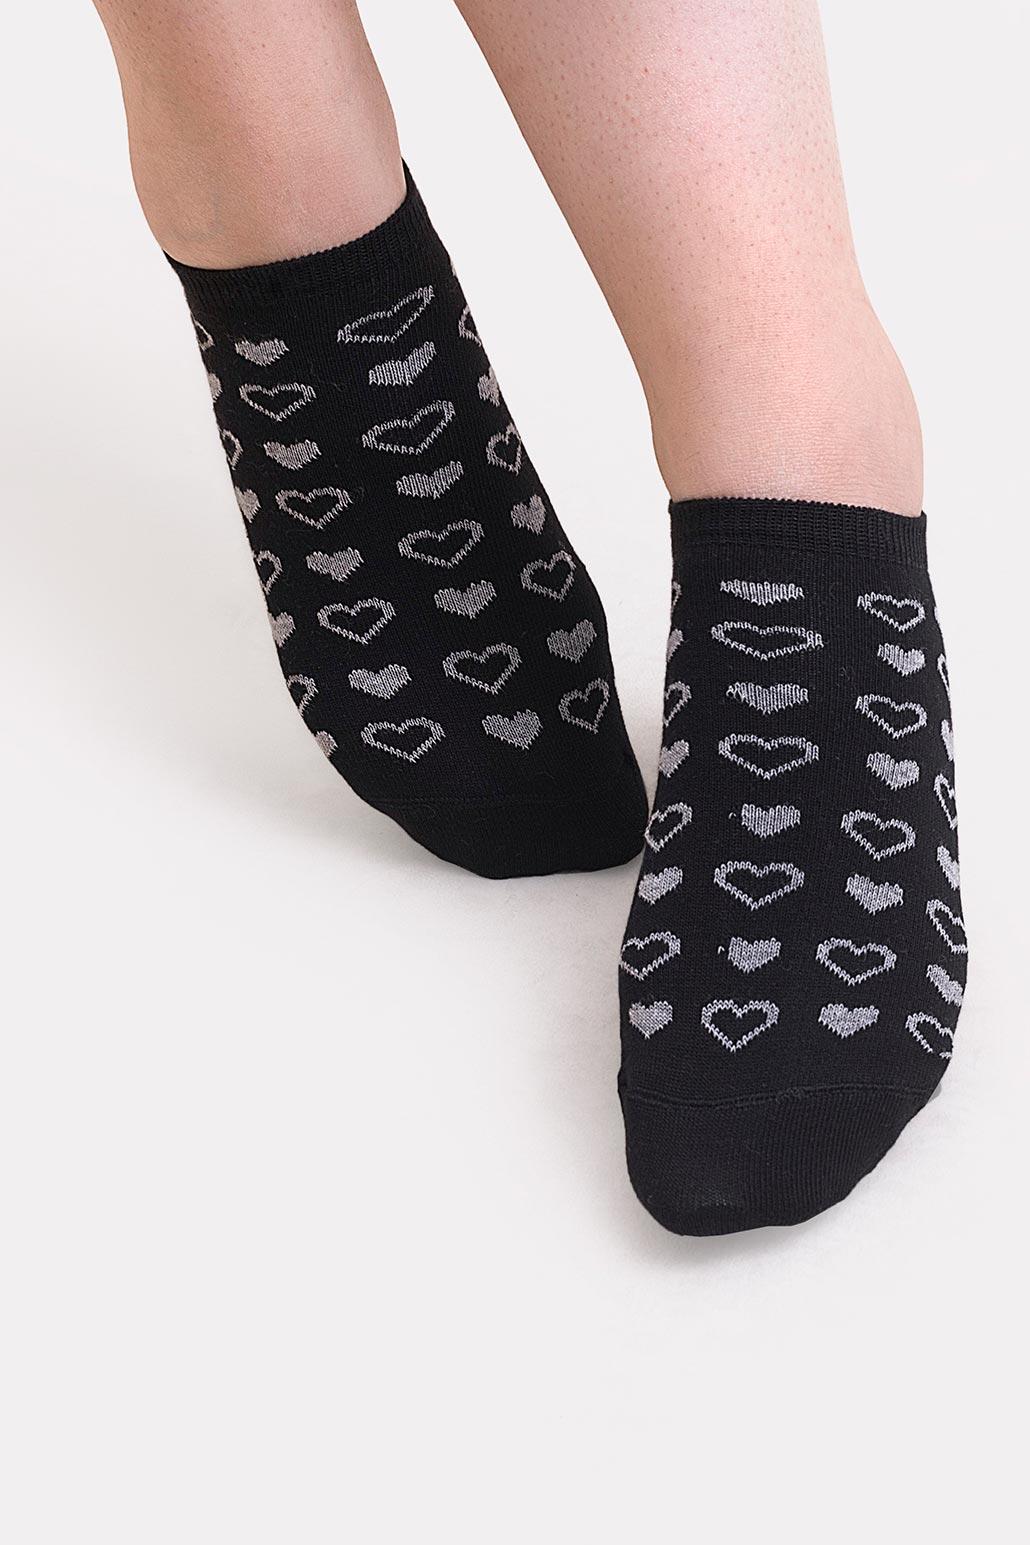 جوراب مچی شیدا